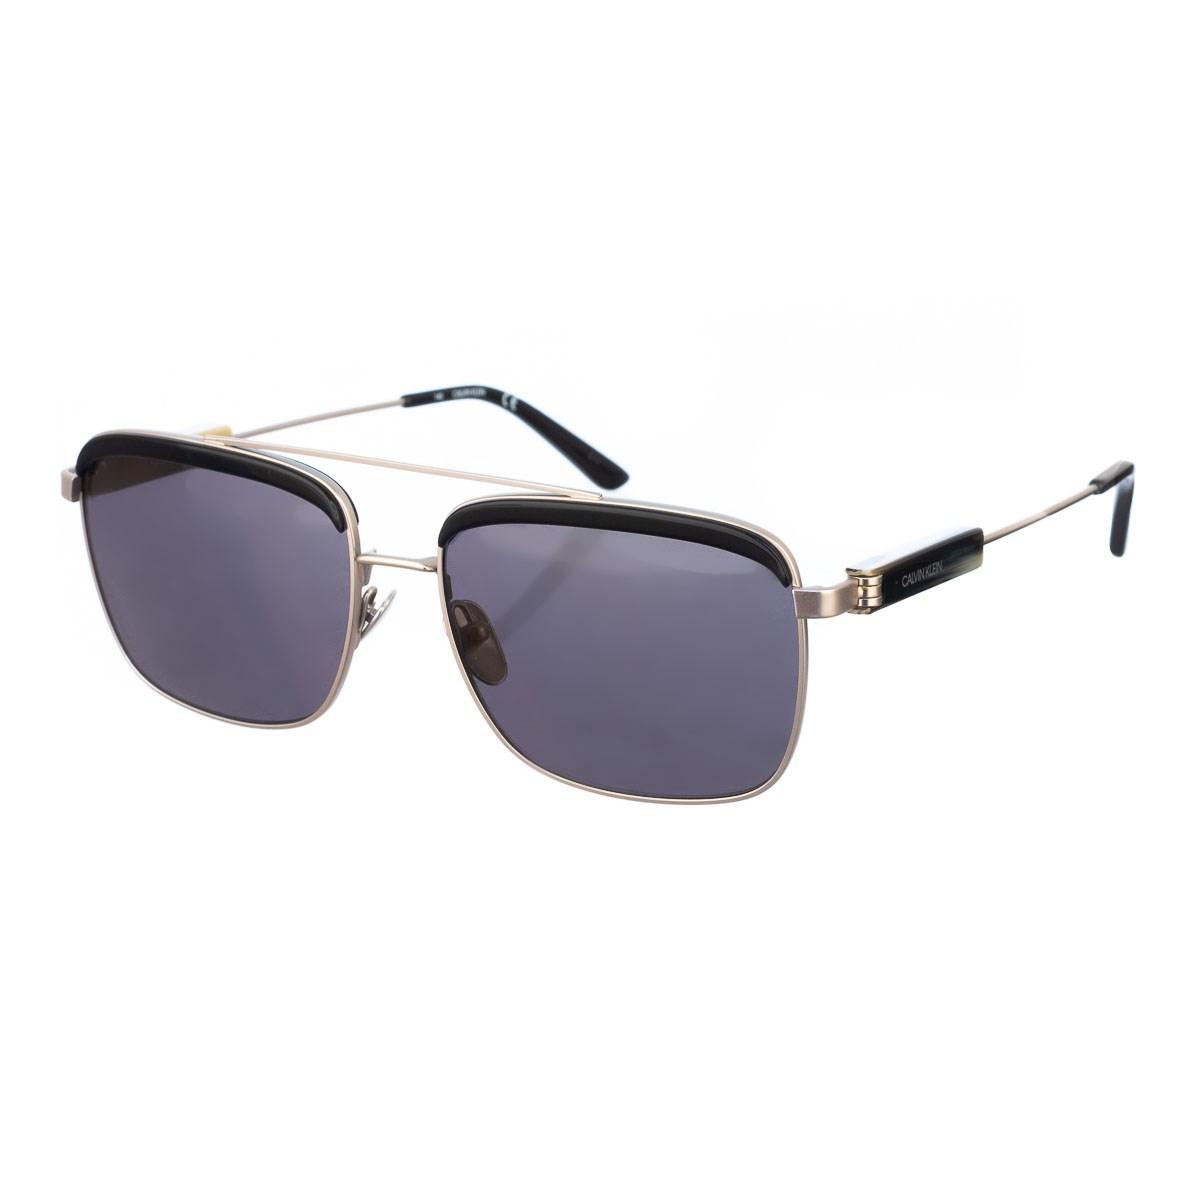 Gafas de sol calvin klein ck19100s-001